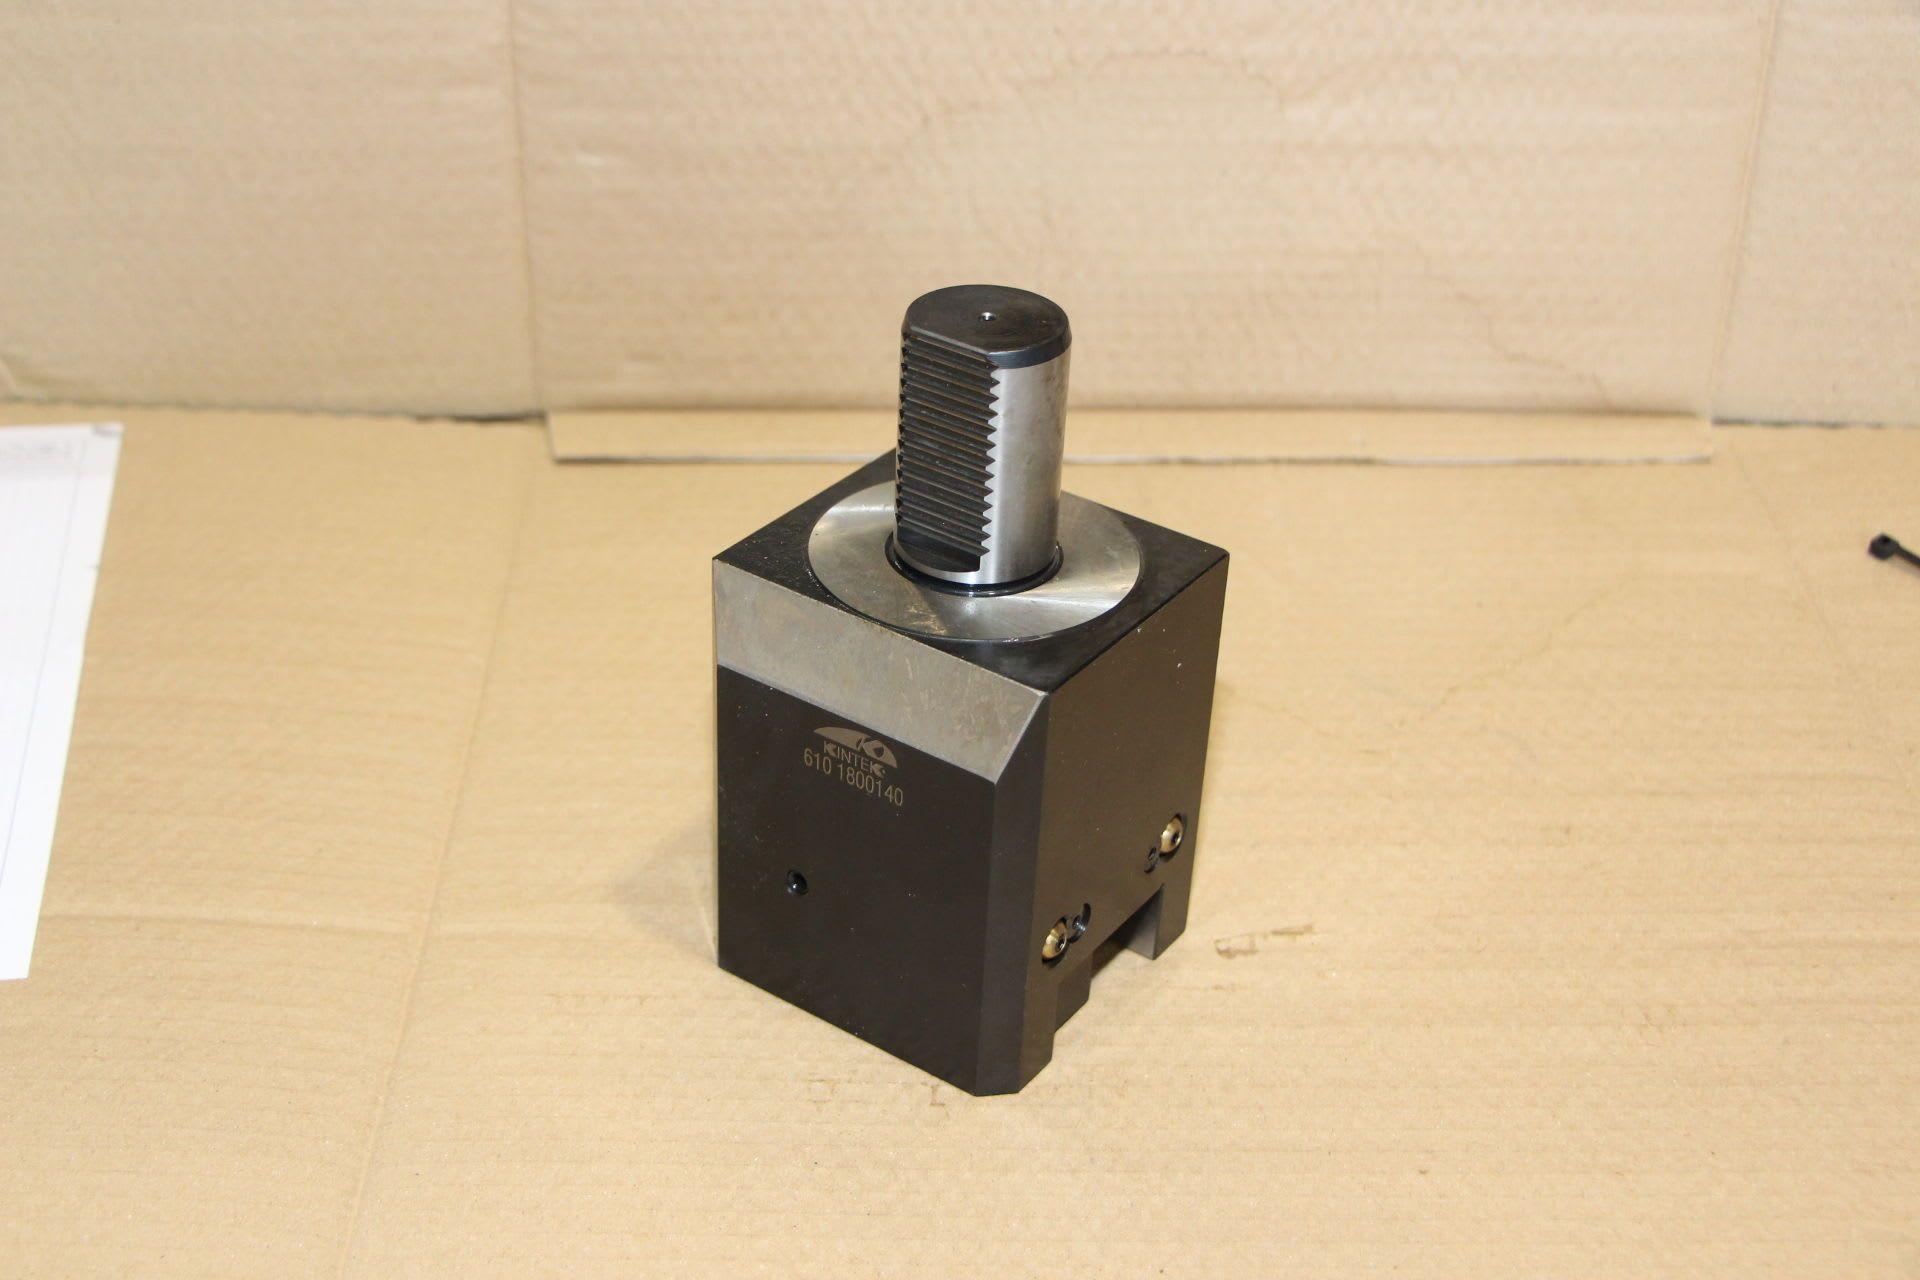 KINTEK 6101800140 VDI 40 Werkzeughalter